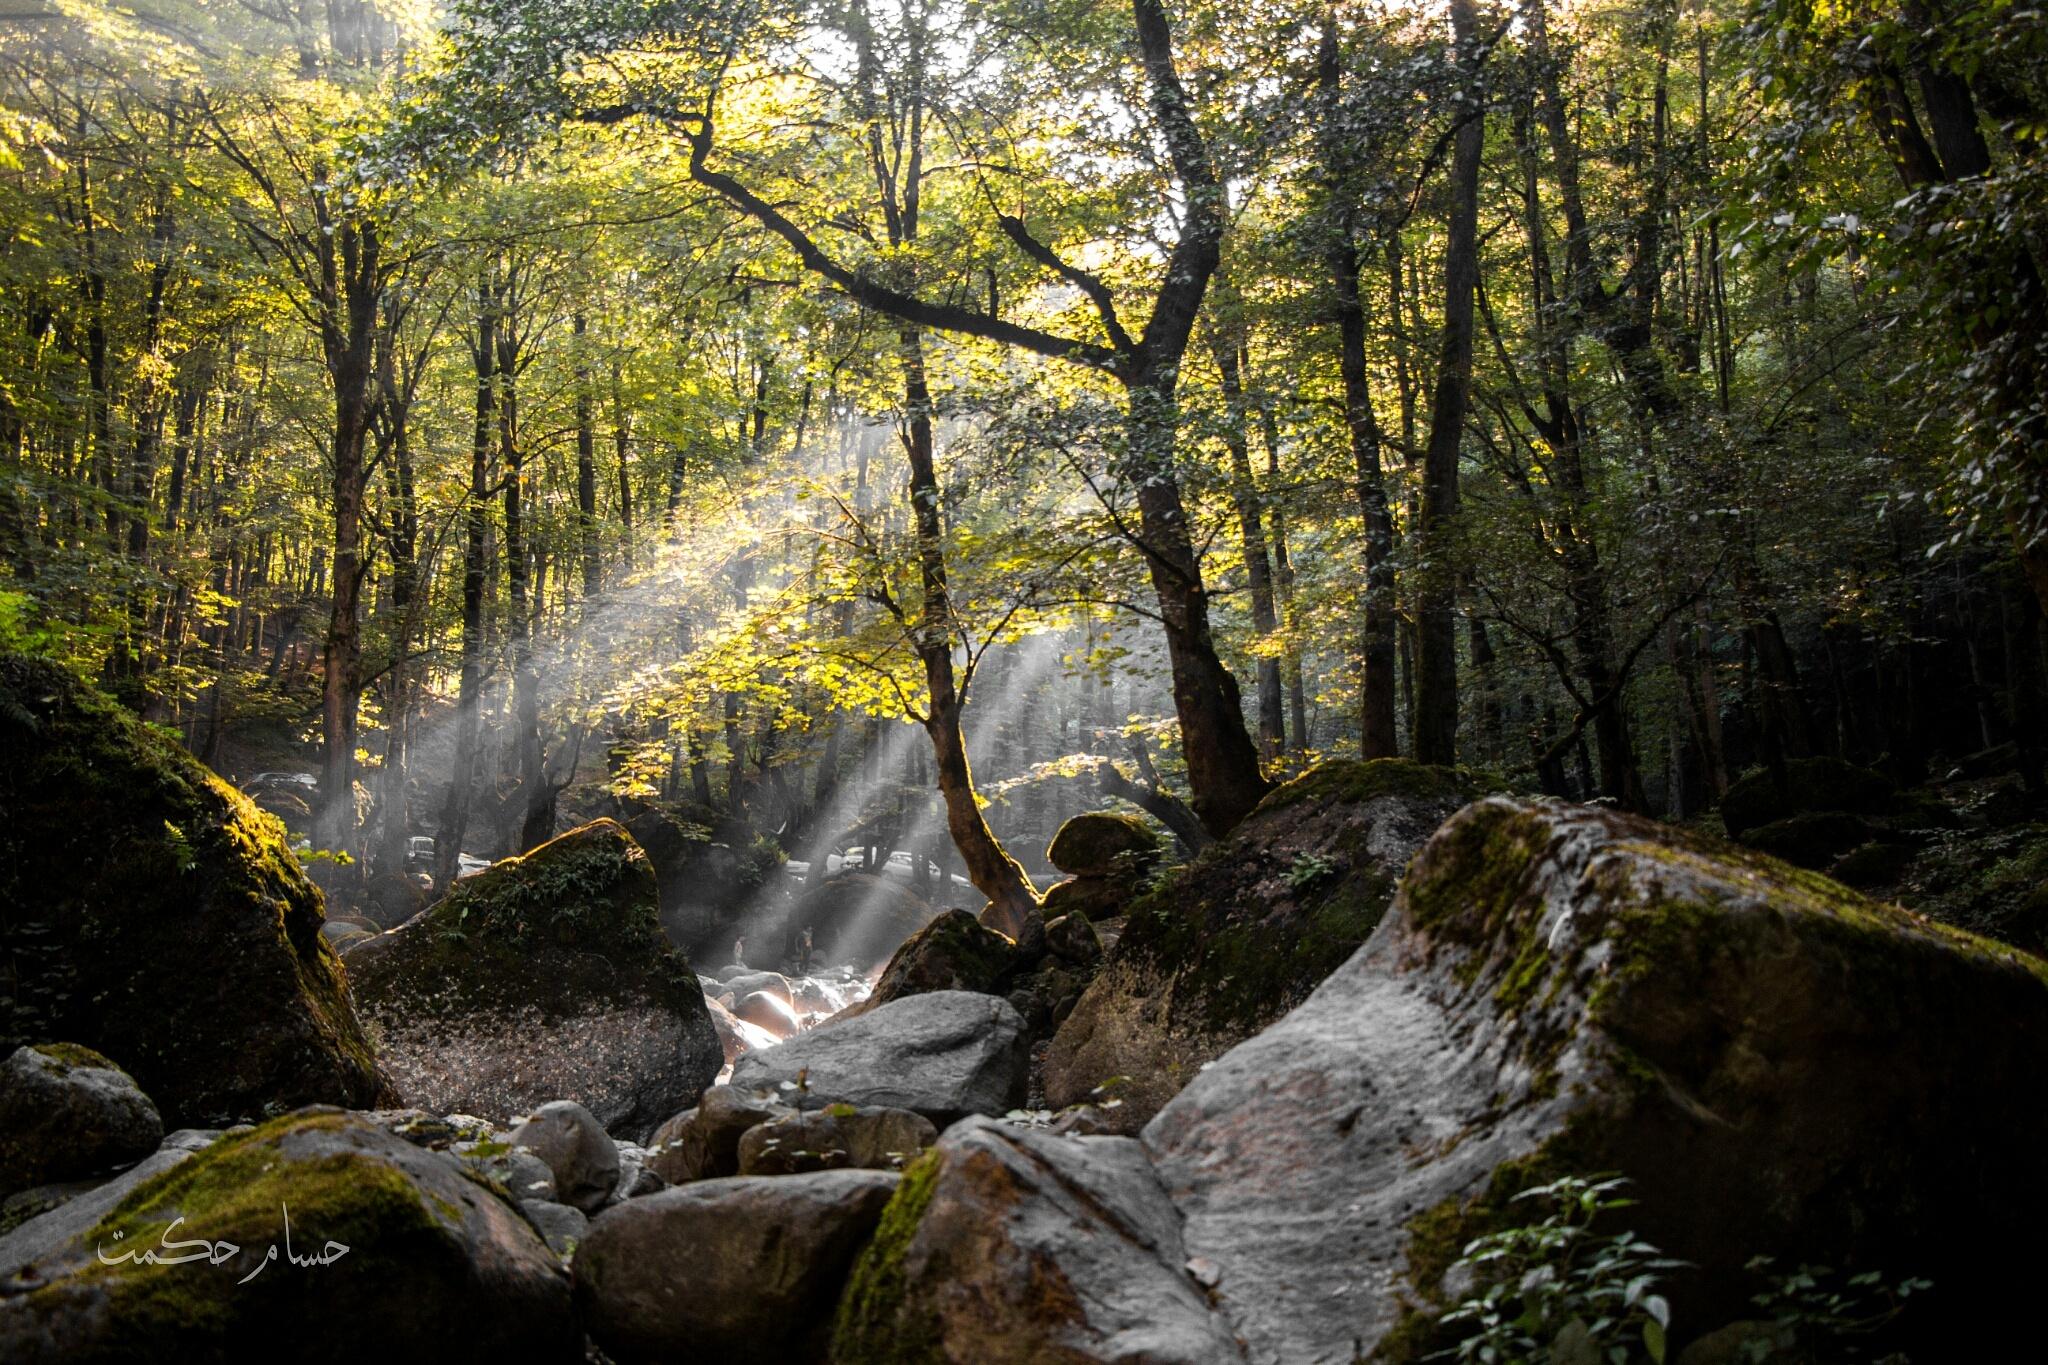 Magic Forest kelardasht by Husam Hikmat